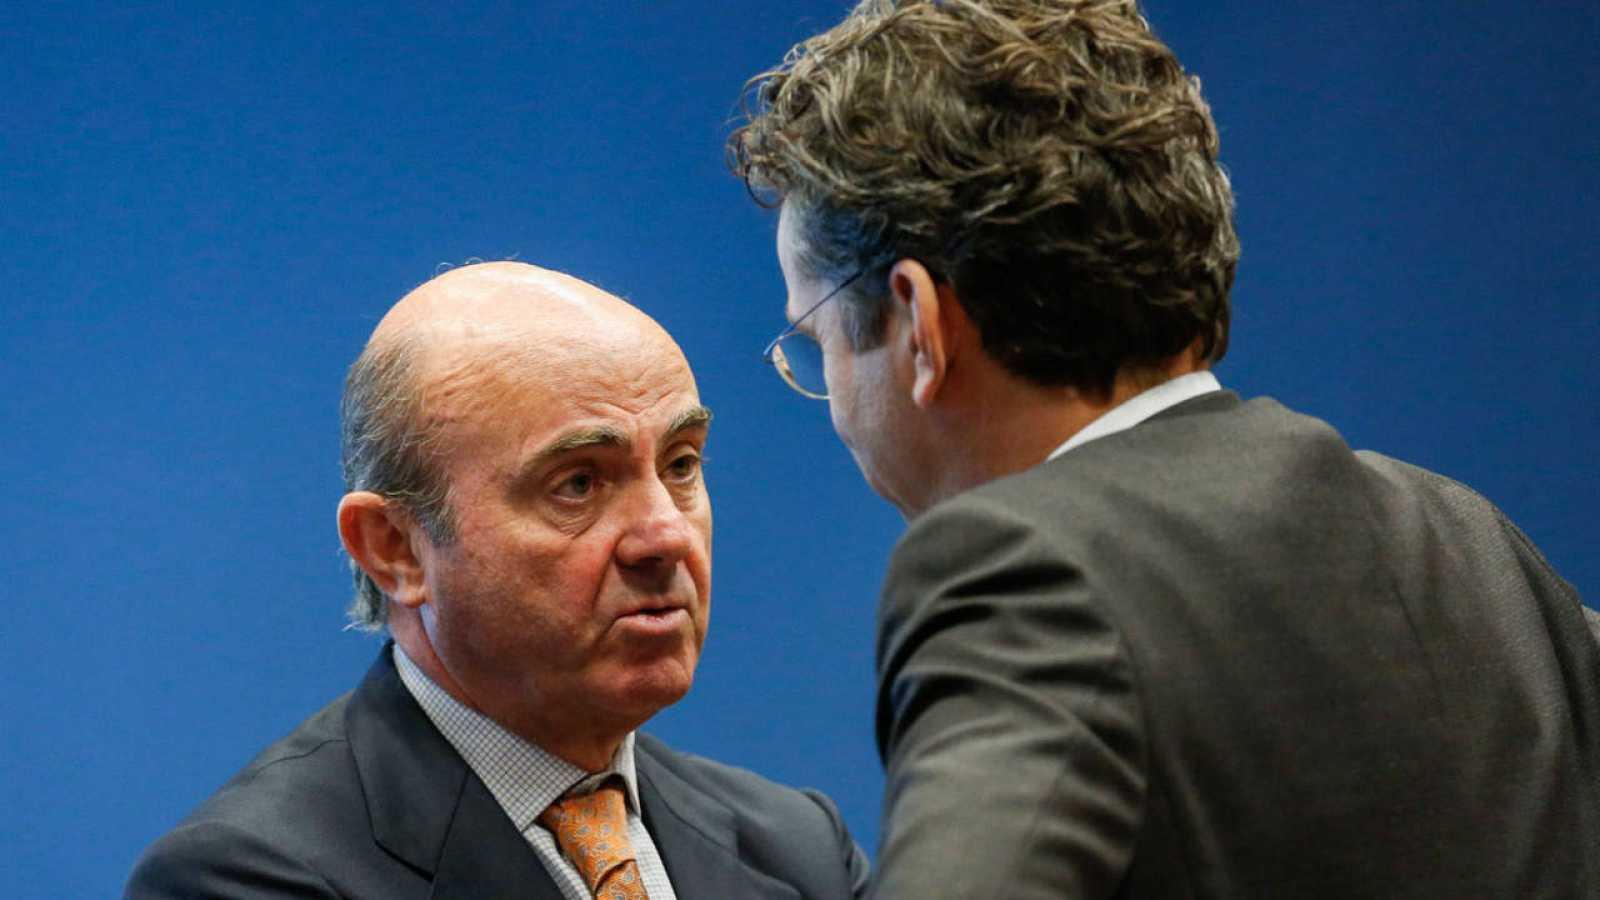 El ministro de Economía español, Luis de Guindos, habla con el presidente del Eurogrupo, Jeroen Dijsselbloem